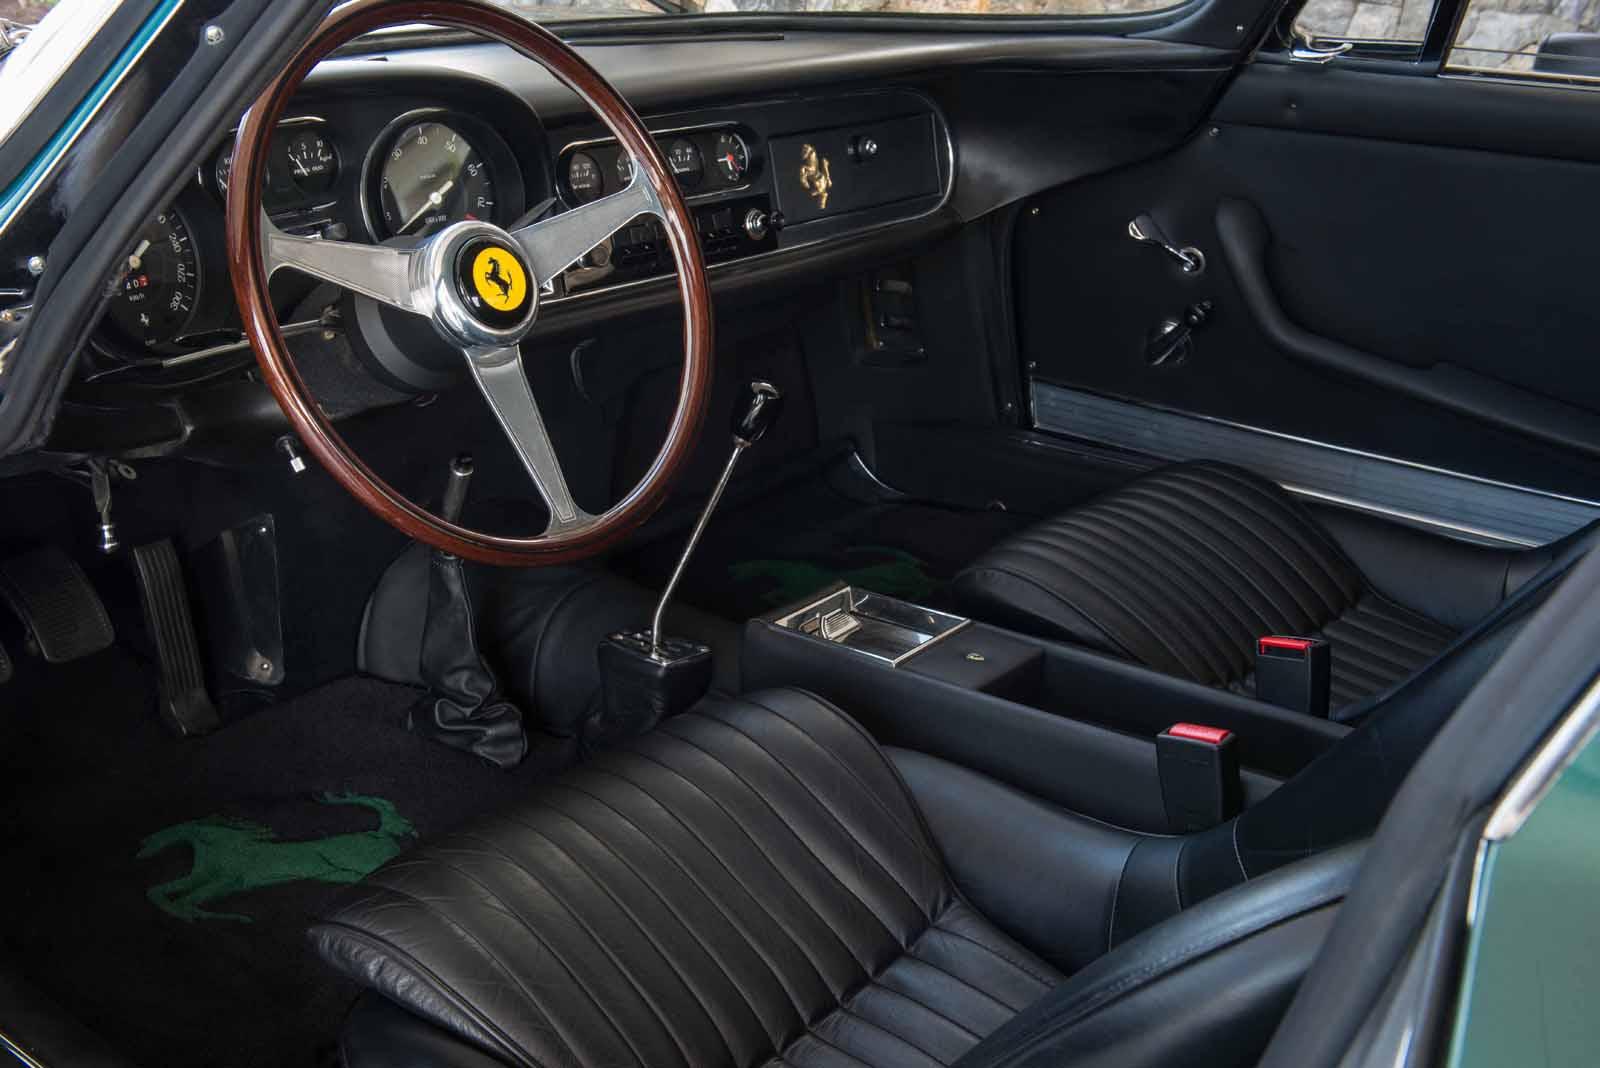 Ferrari 275 GTB/4 1967 là một chiếc xe sang trọng và quá đẳng cấp trong thiết kế